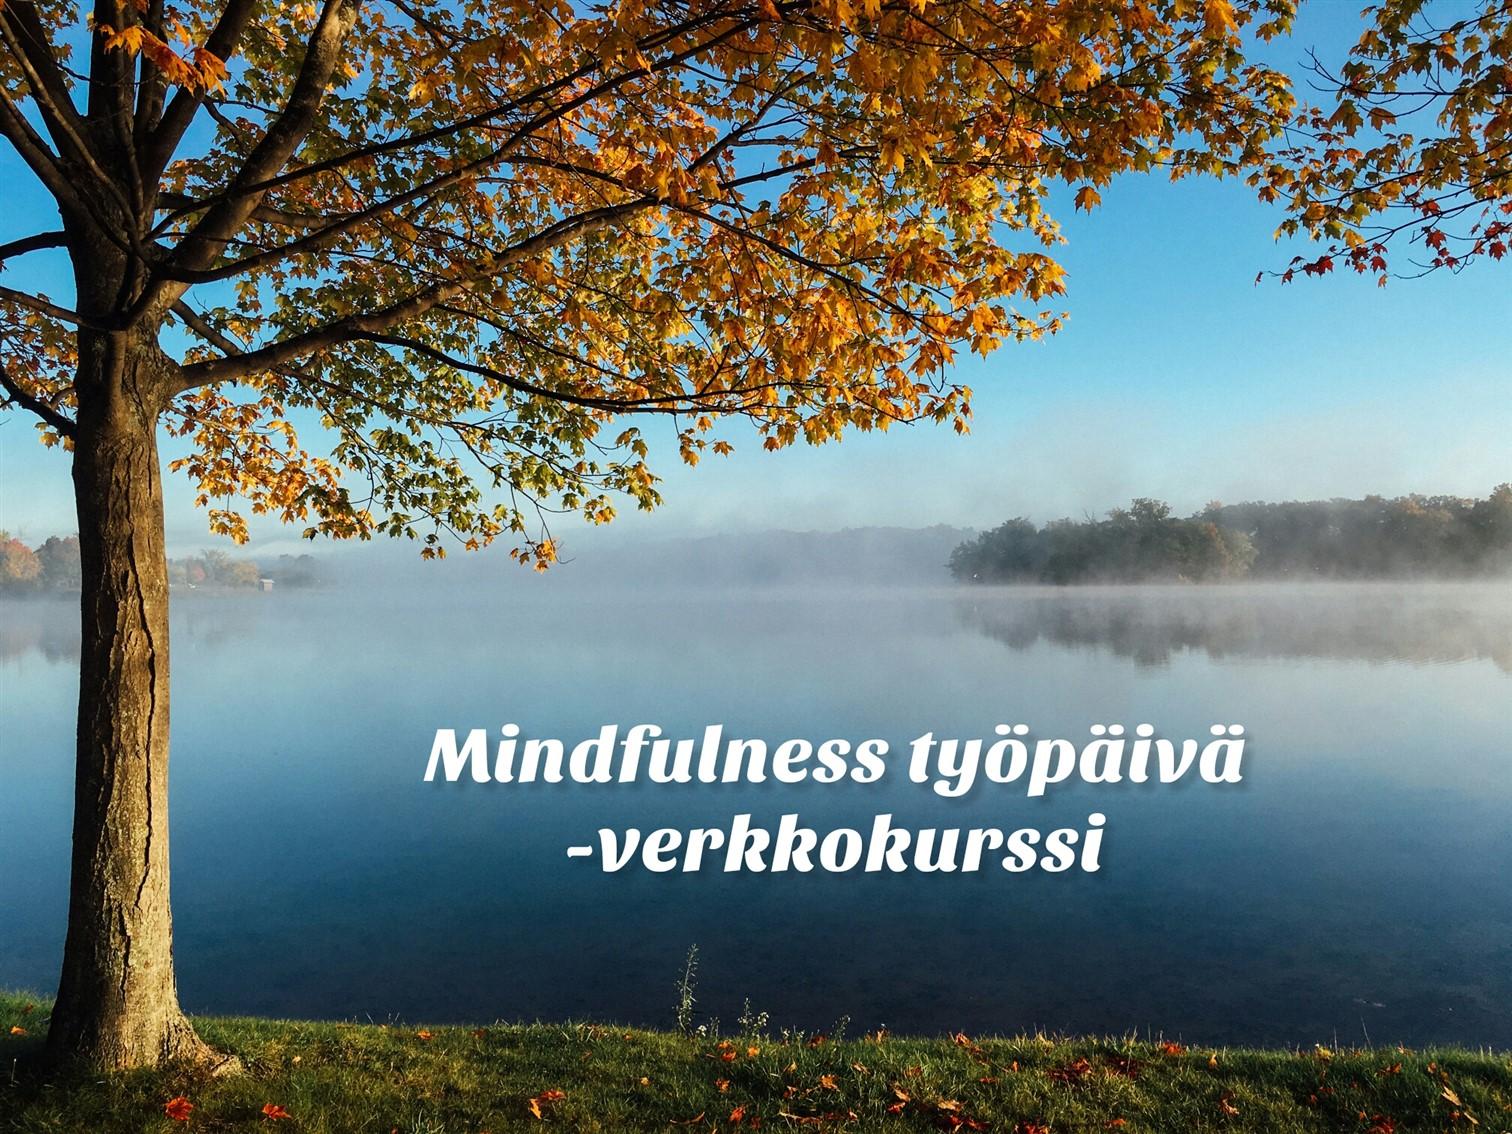 Mindfulness verkkokaupan kuva, mindfulness, mindfulnes, mindfulness kurssi, mindfulness-kurssi, mindfulnes kurssi, mindfulnes-kurssi, mindfulness verkkokurssi, mindfulness-verkkokurssi, mindfulnes verkkokurssi, mindfulnes-verkkokurssi, mindfulnes, tietoisuustaidot, läsnäolo, tietoisuustaito, mbsr, meditaatio, tietoinen hyväksyvä läsnäolo, mindfulness-harjoitus, mindfulness-meditaatio, mindfulness-työ, mindfulness työ, mindfulness työpaikalla, mindfulness-työpaikalla, mindfulness työssä, mindfulness johtaja, mindful leader, mindful esimies, mind ful, mind fullness, mindfullness, mindfulness kurssi, työhyvinvointi, mindfulness kirja, stressinhallinta, mindfulness harjoitukset, keskittyminen, mindfulness työpaikalla